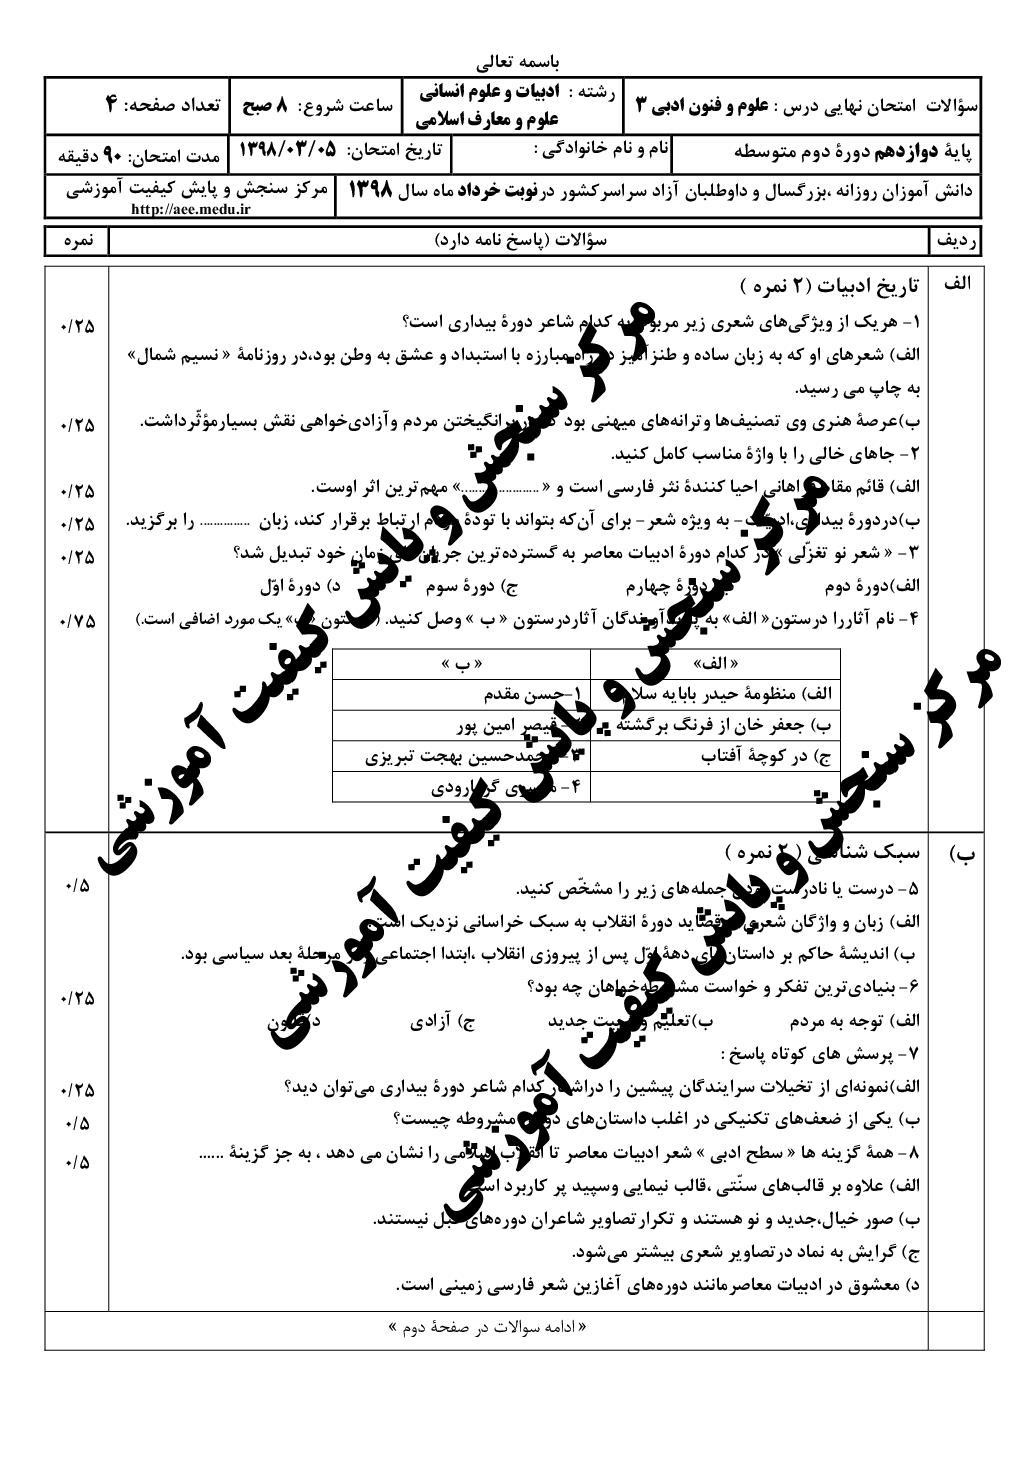 امتحان نهایی علوم و فنون ادبی 3 - خرداد 98 (PDF)